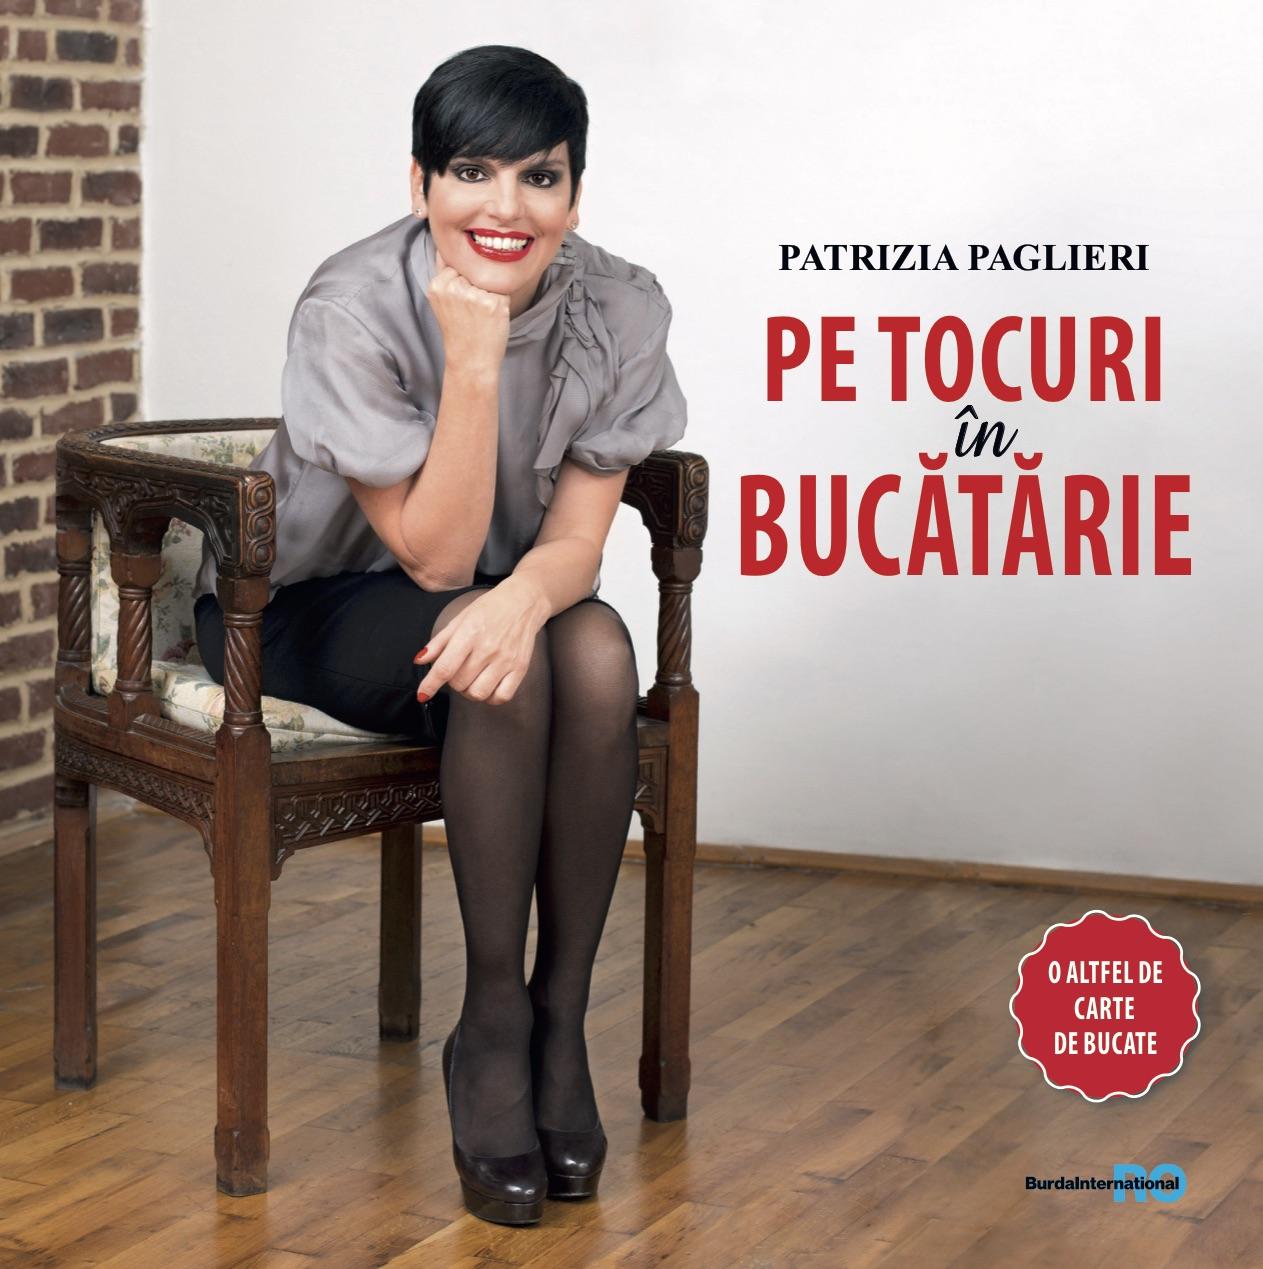 Patrizia_Paglieri_Pe_Tocuri_in_Bucatarie